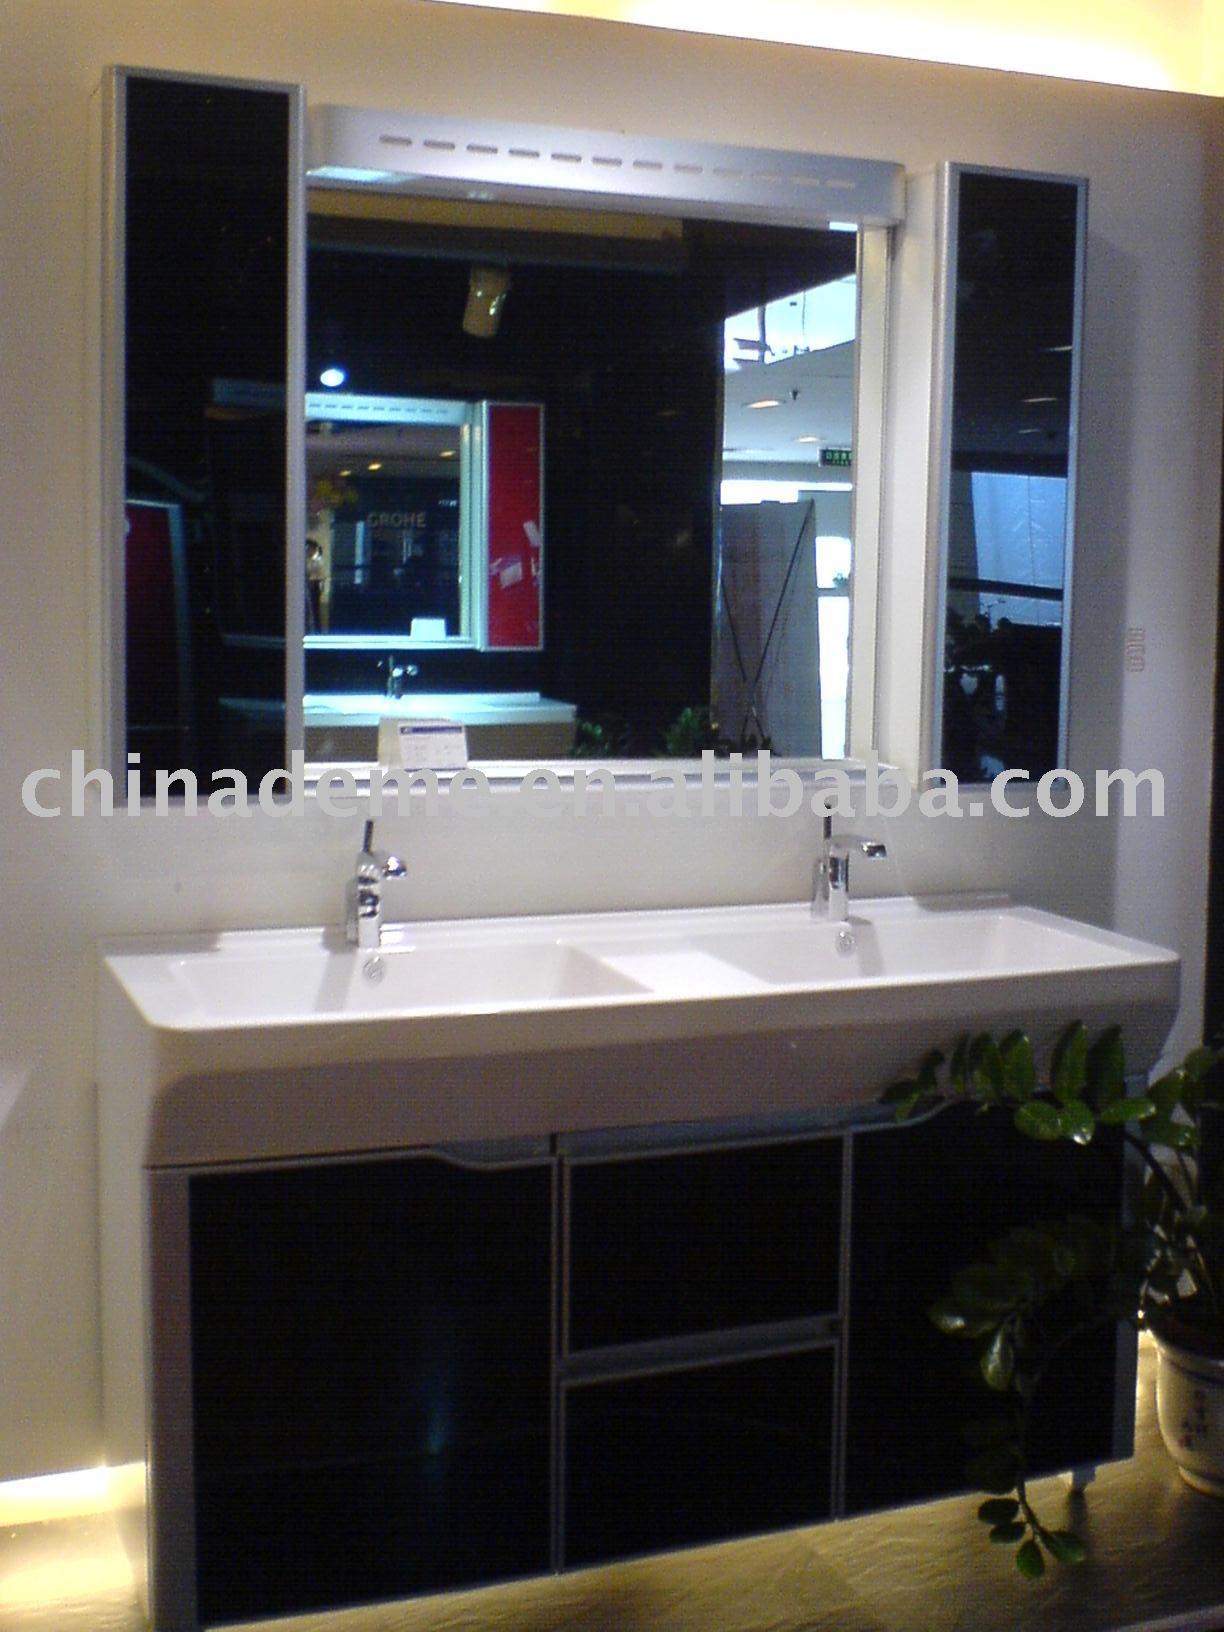 Vender acrílico armário de banheiro DM1400D Toucador em banheiro ID  #397892 1224 1632